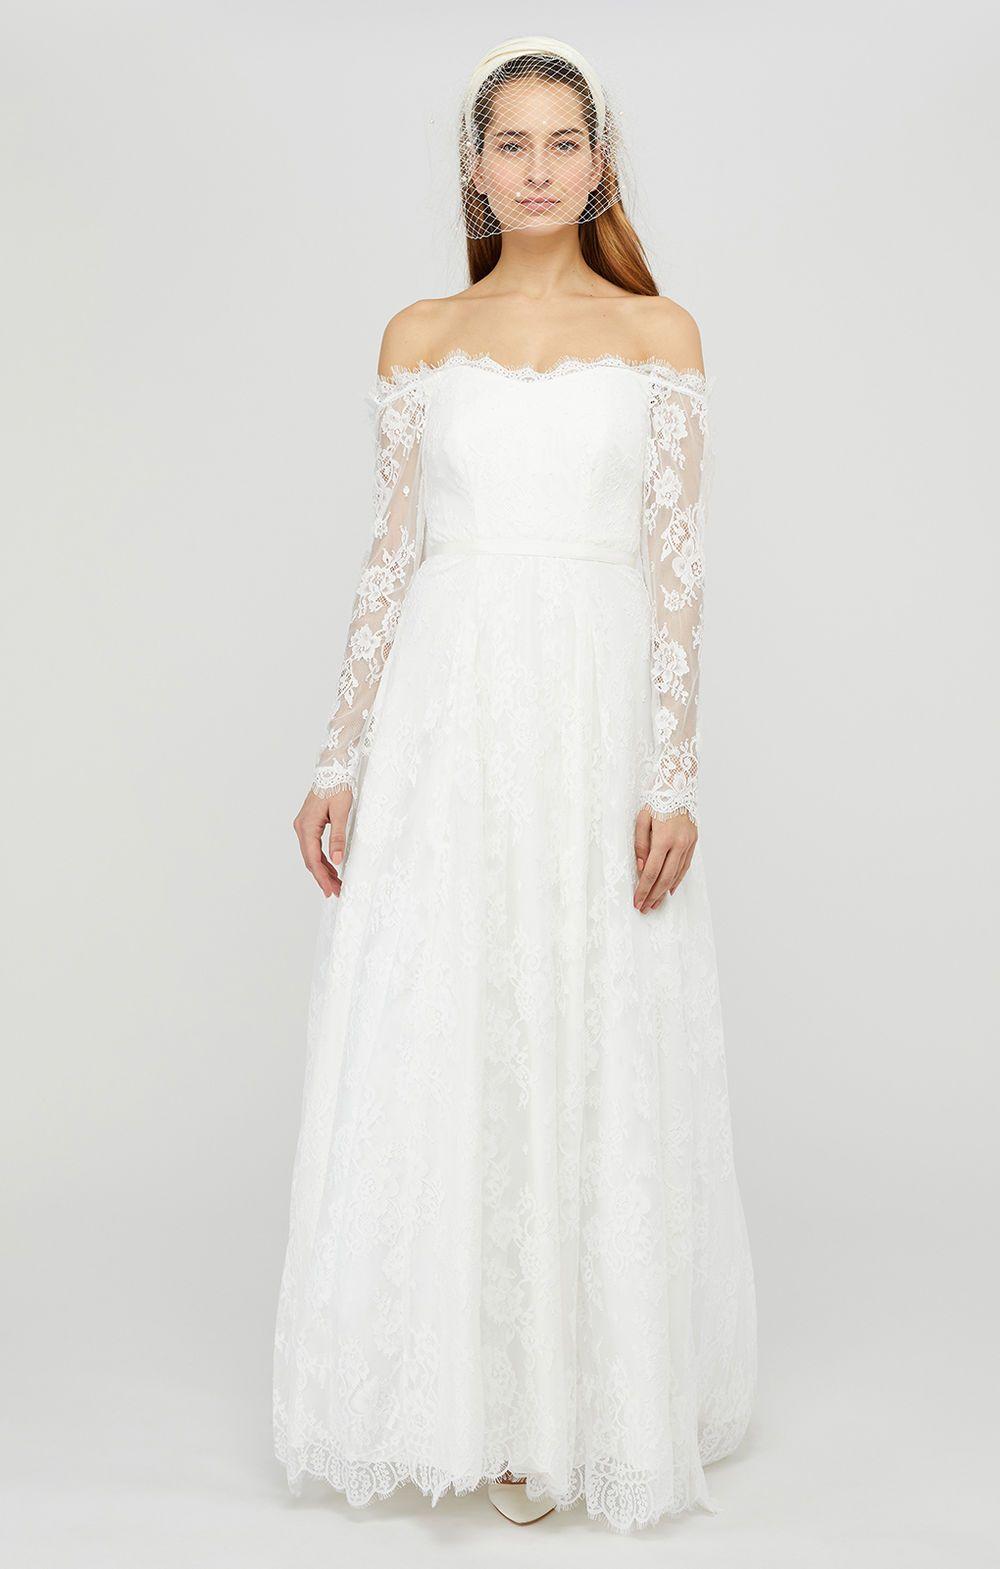 Günstige Brautkleider : Die 10 besten Labels für ...